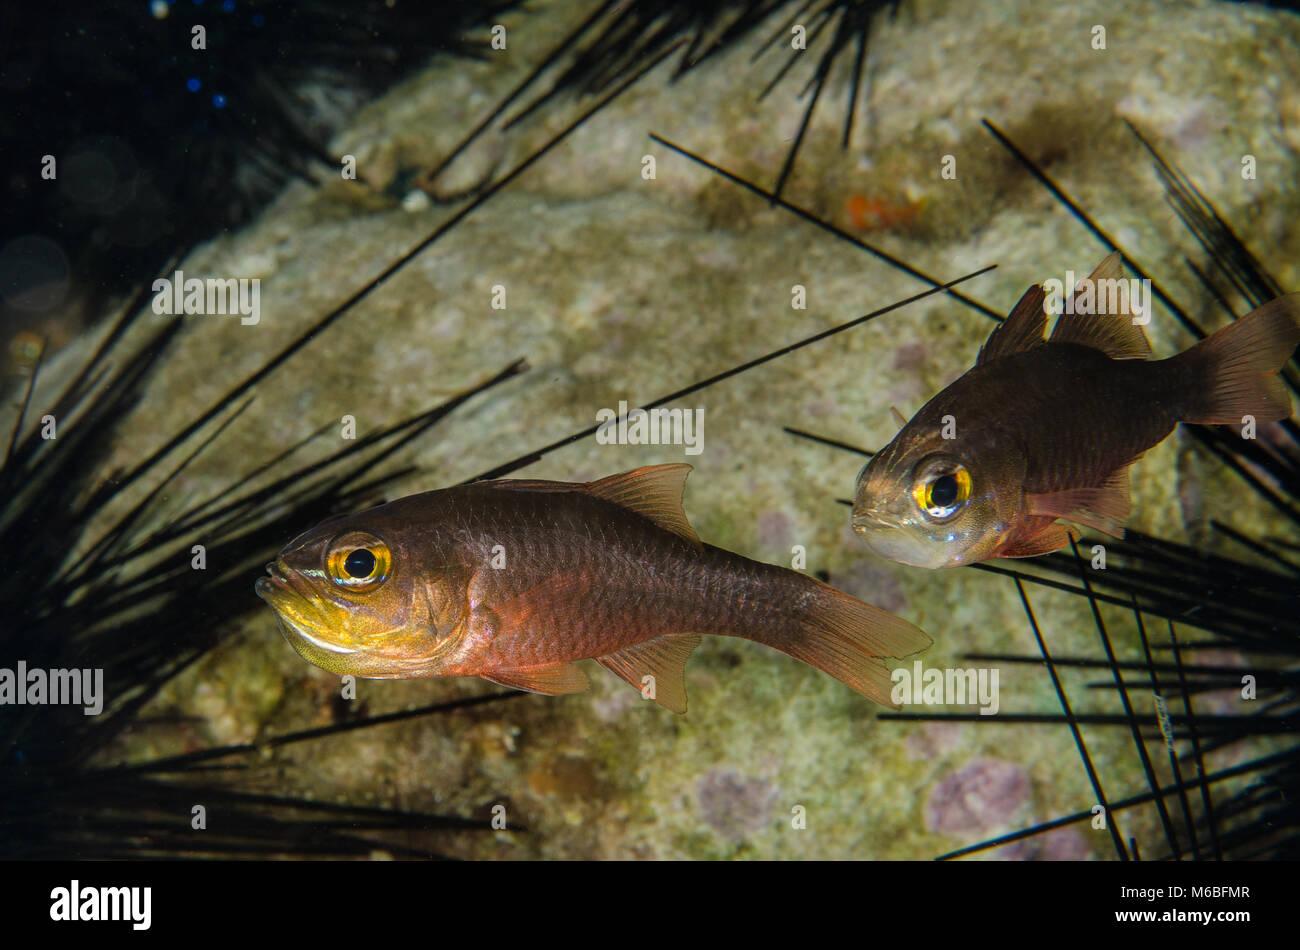 Goldbelly Cardinal Fish, Ostorhinchus apogonidesis,  Apogonidae,  Anilao, Philippines, Asia - Stock Image